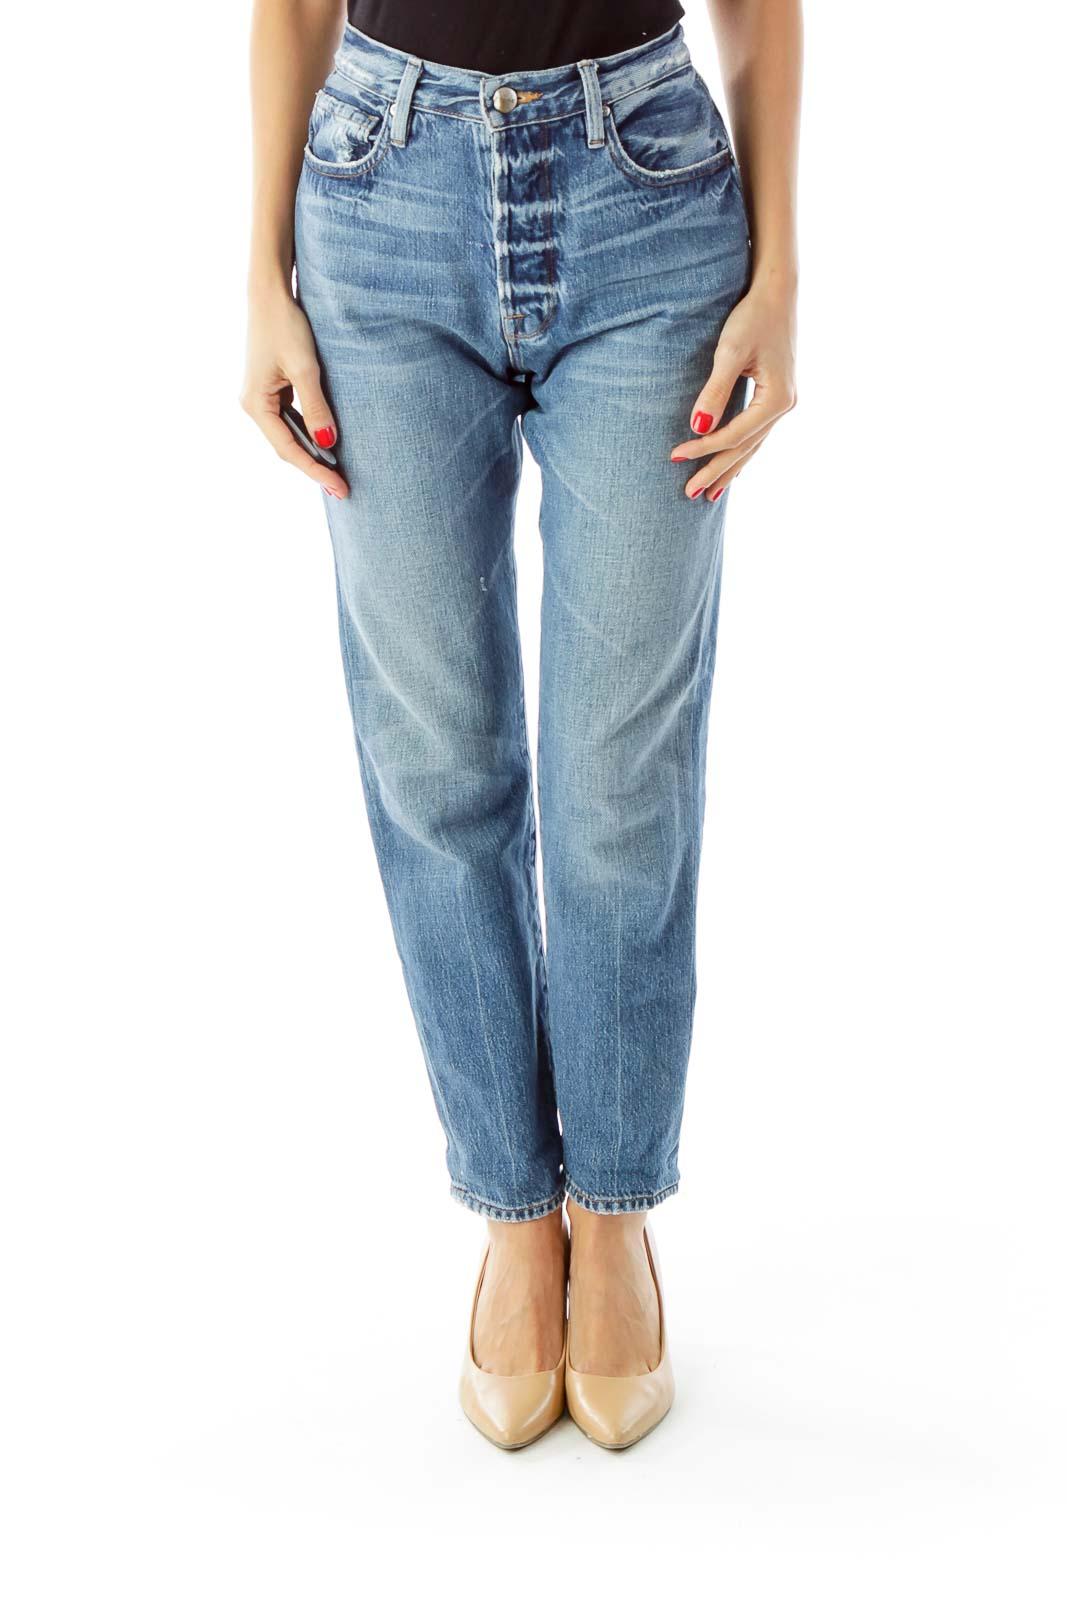 Blue Distressed High-Waist Boyfriend Jeans Front